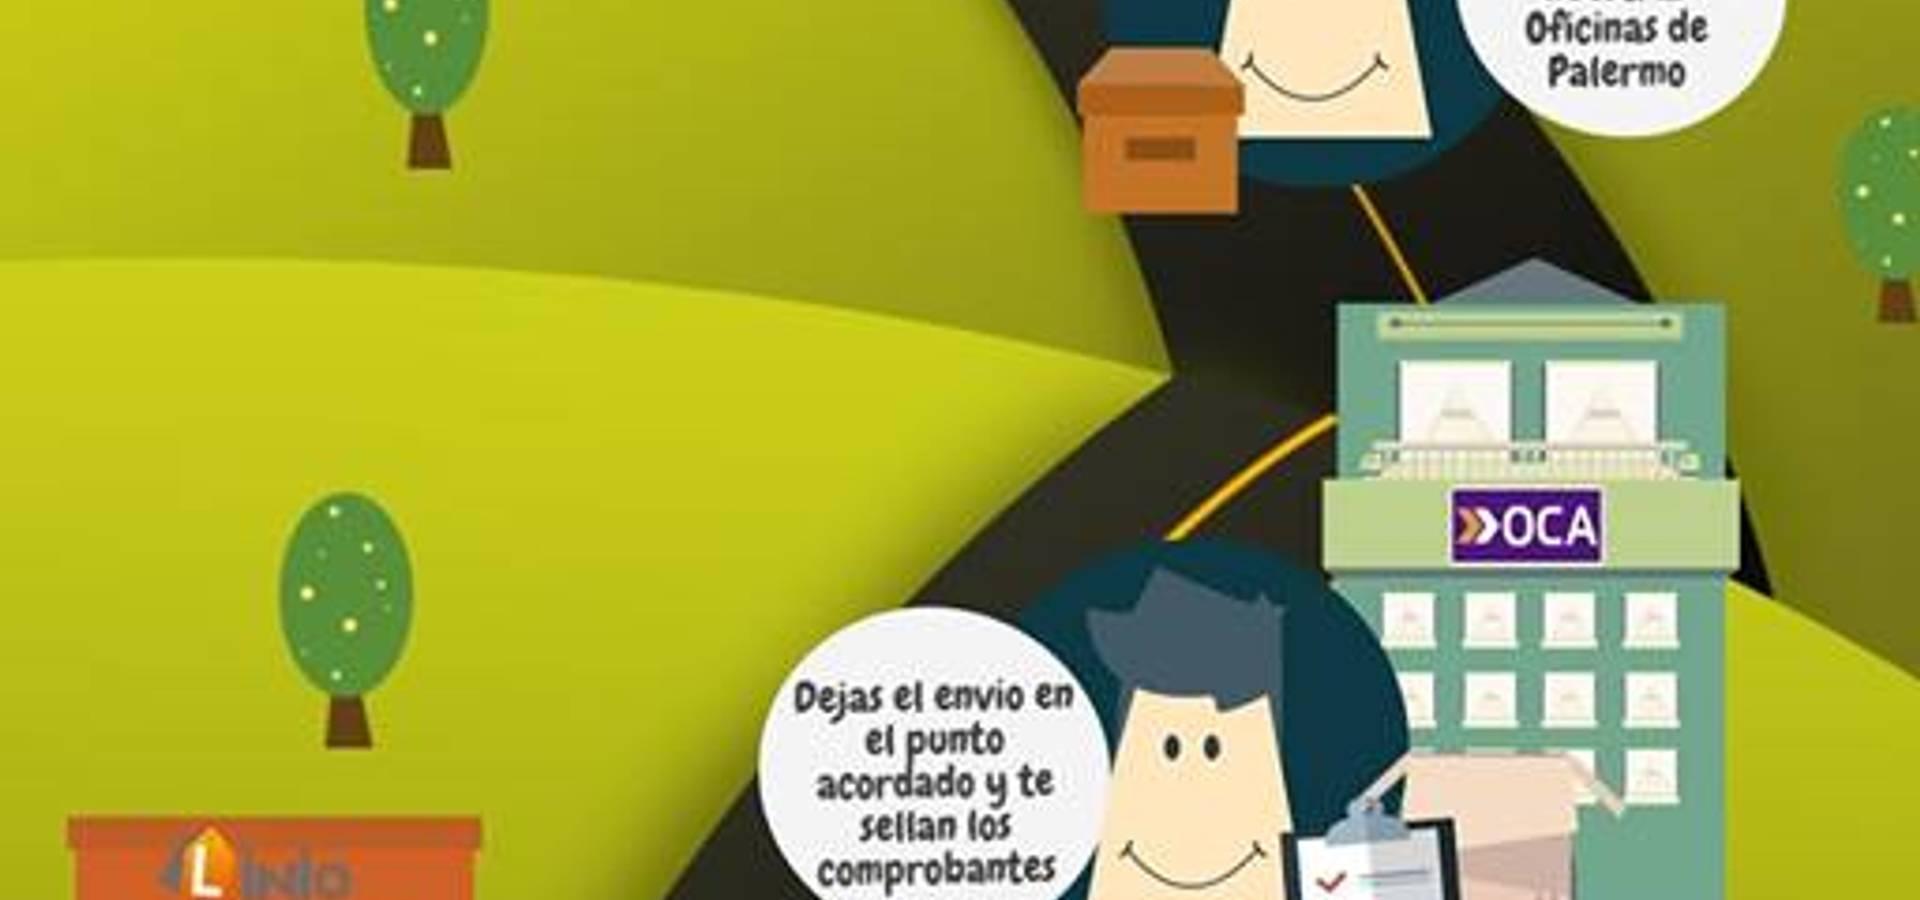 Linio.com Argentina